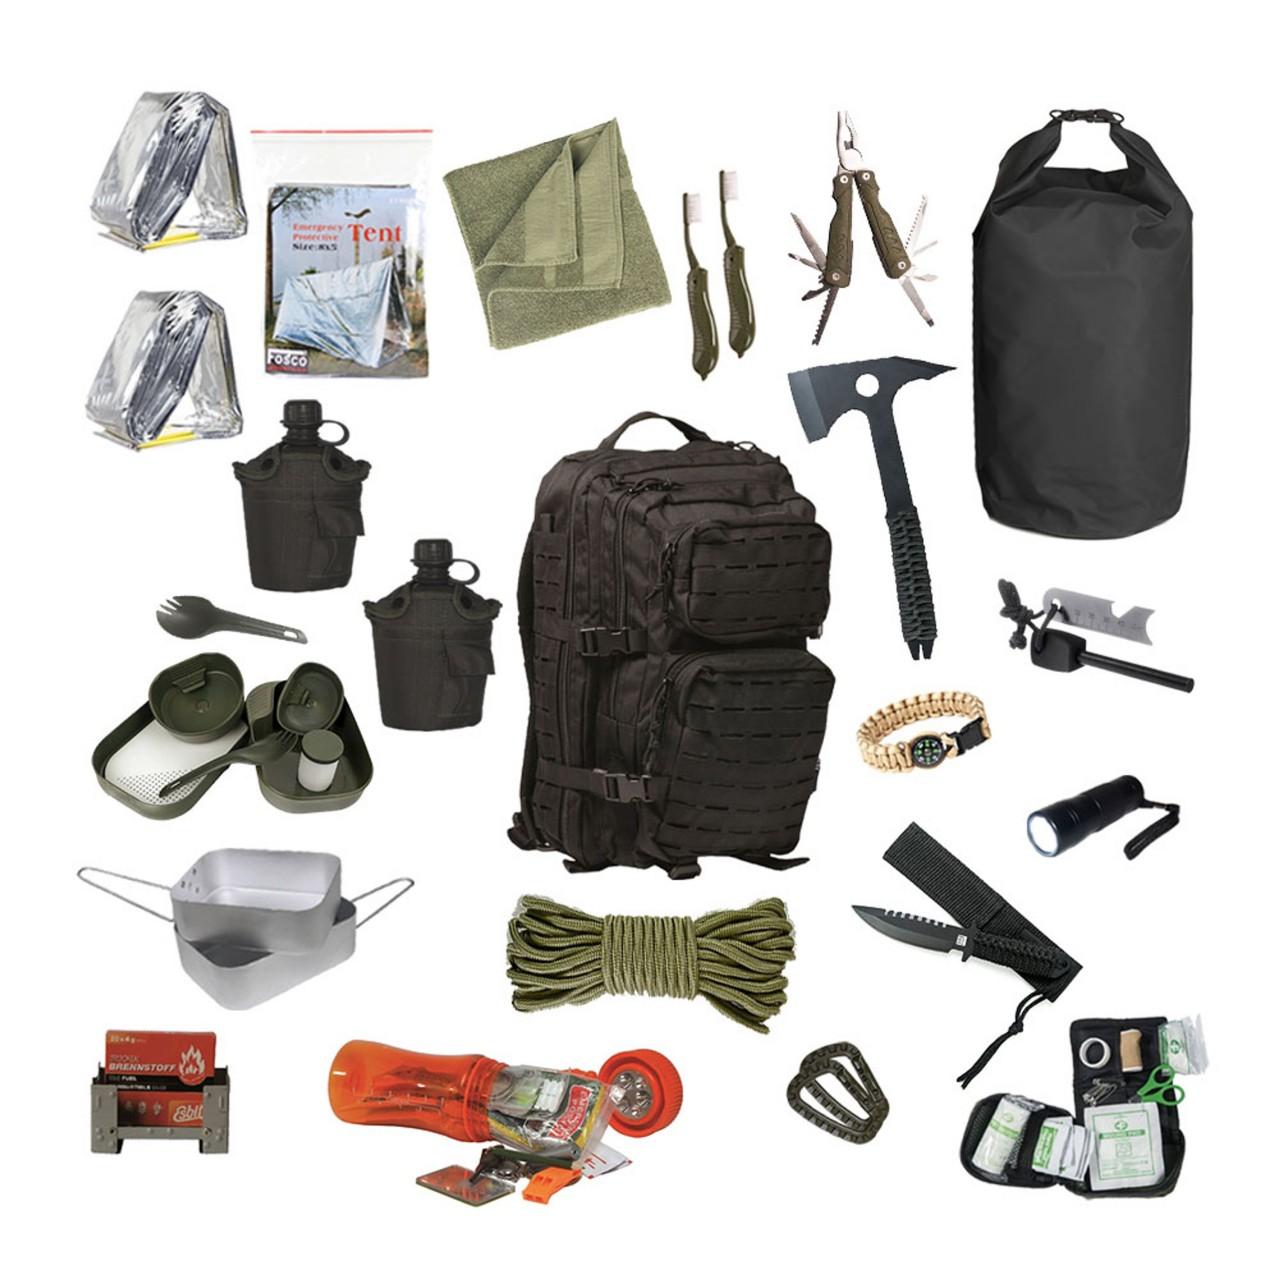 17647-Fluchtrucksack-Team-NEU-Prepper-Rucksack-Krisenvorsorge-Krise-Not-ueberlebensrucksack-Bug-Out-Bag-Get-Home-Bag-Flucht-Survival-Apocalypse-2_1280x1280